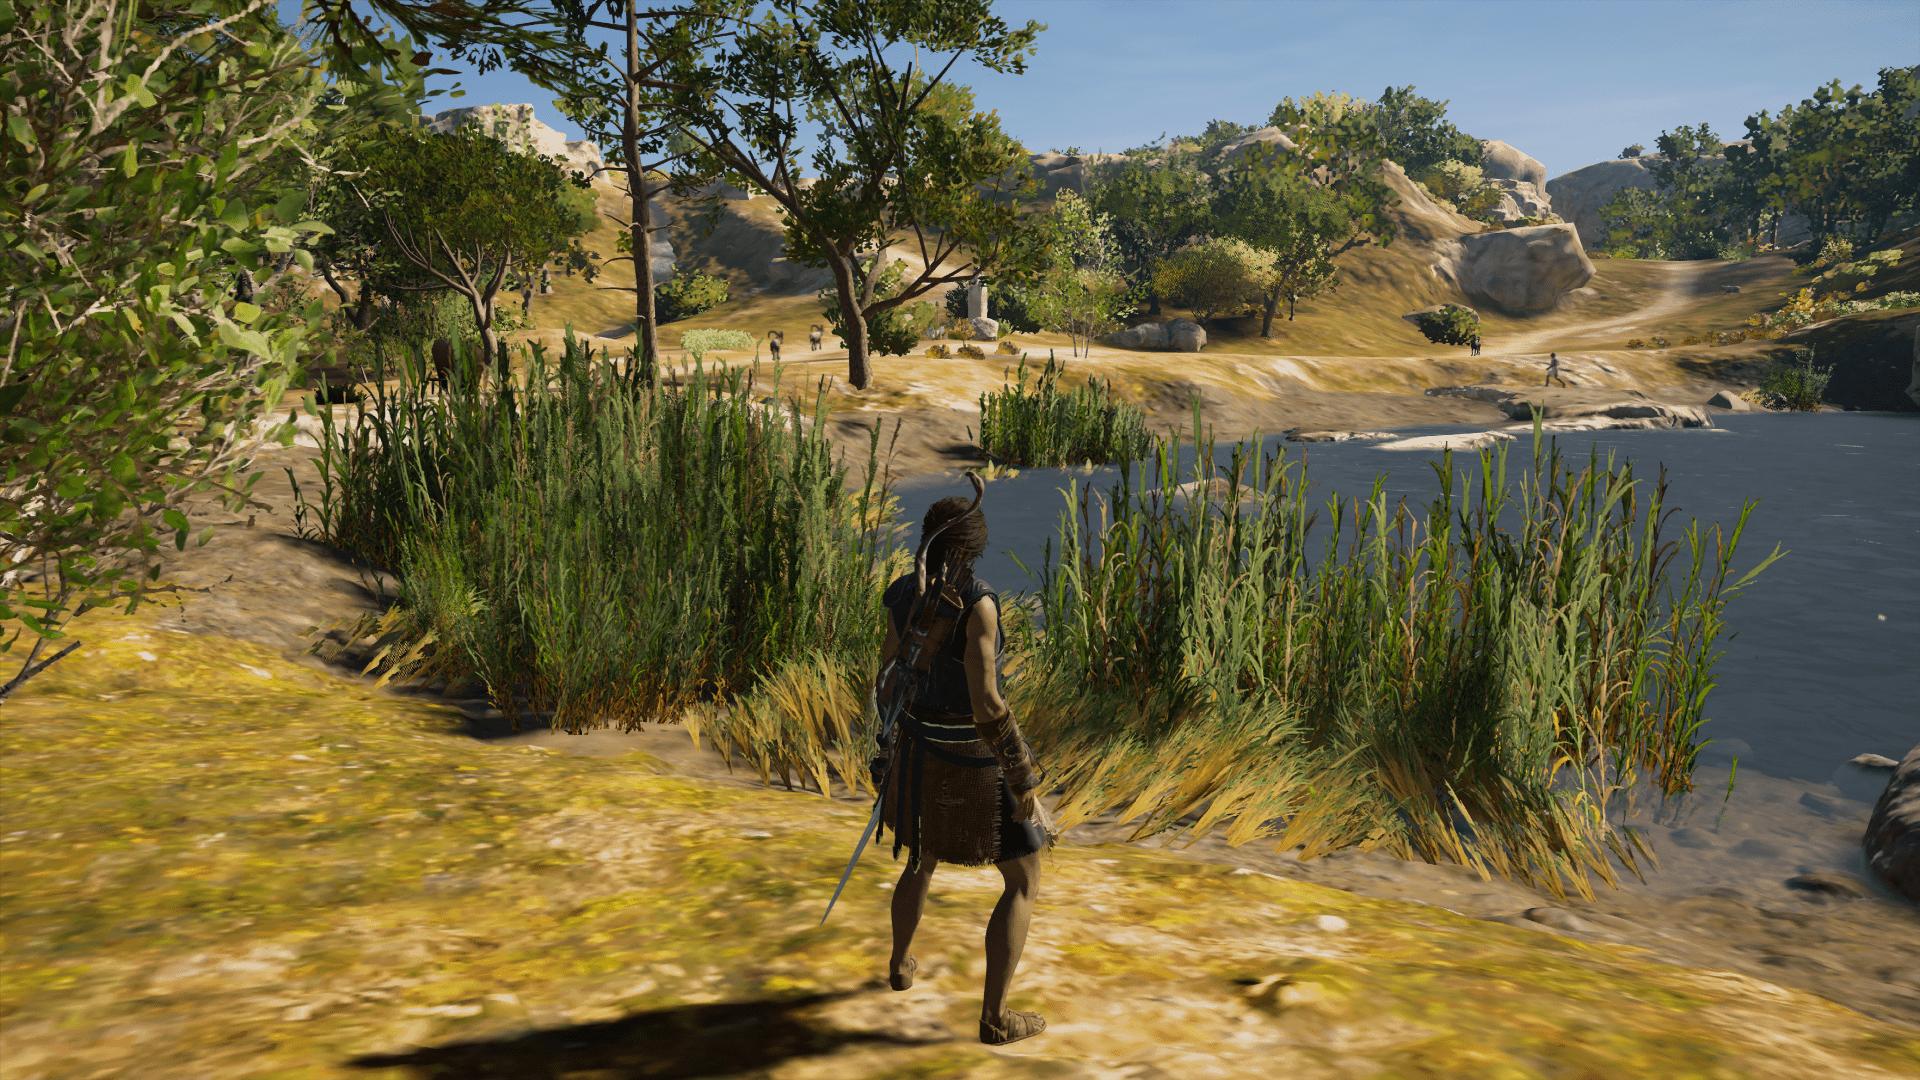 5Basso 1 - Assassin's Creed Odyssey - Recensione come gira su PC